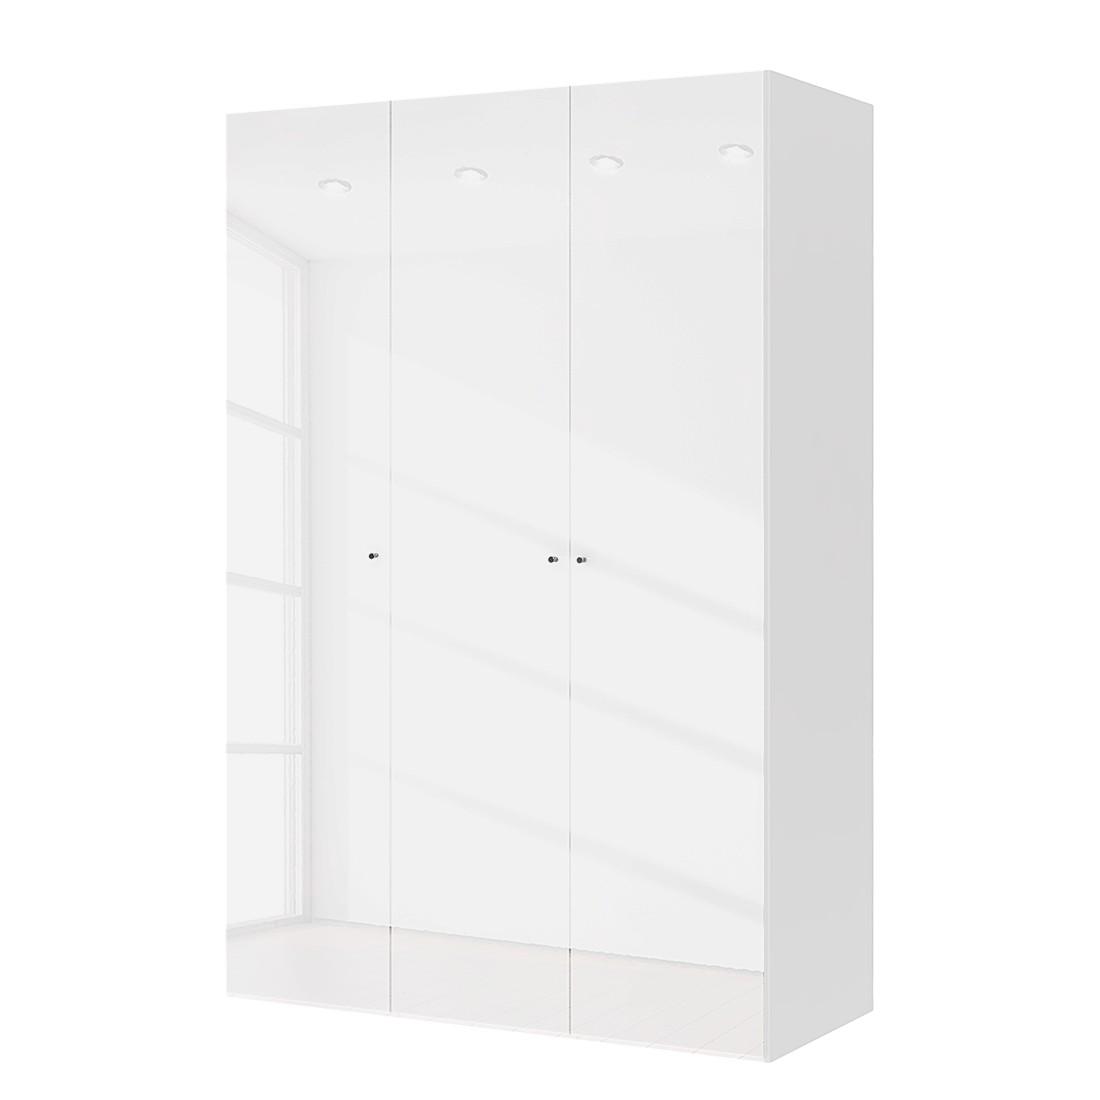 Drehtürenschrank Save – Hochglanz Weiß – 150 cm (3-türig) – Ohne Spiegeltür/-en, mooved bestellen